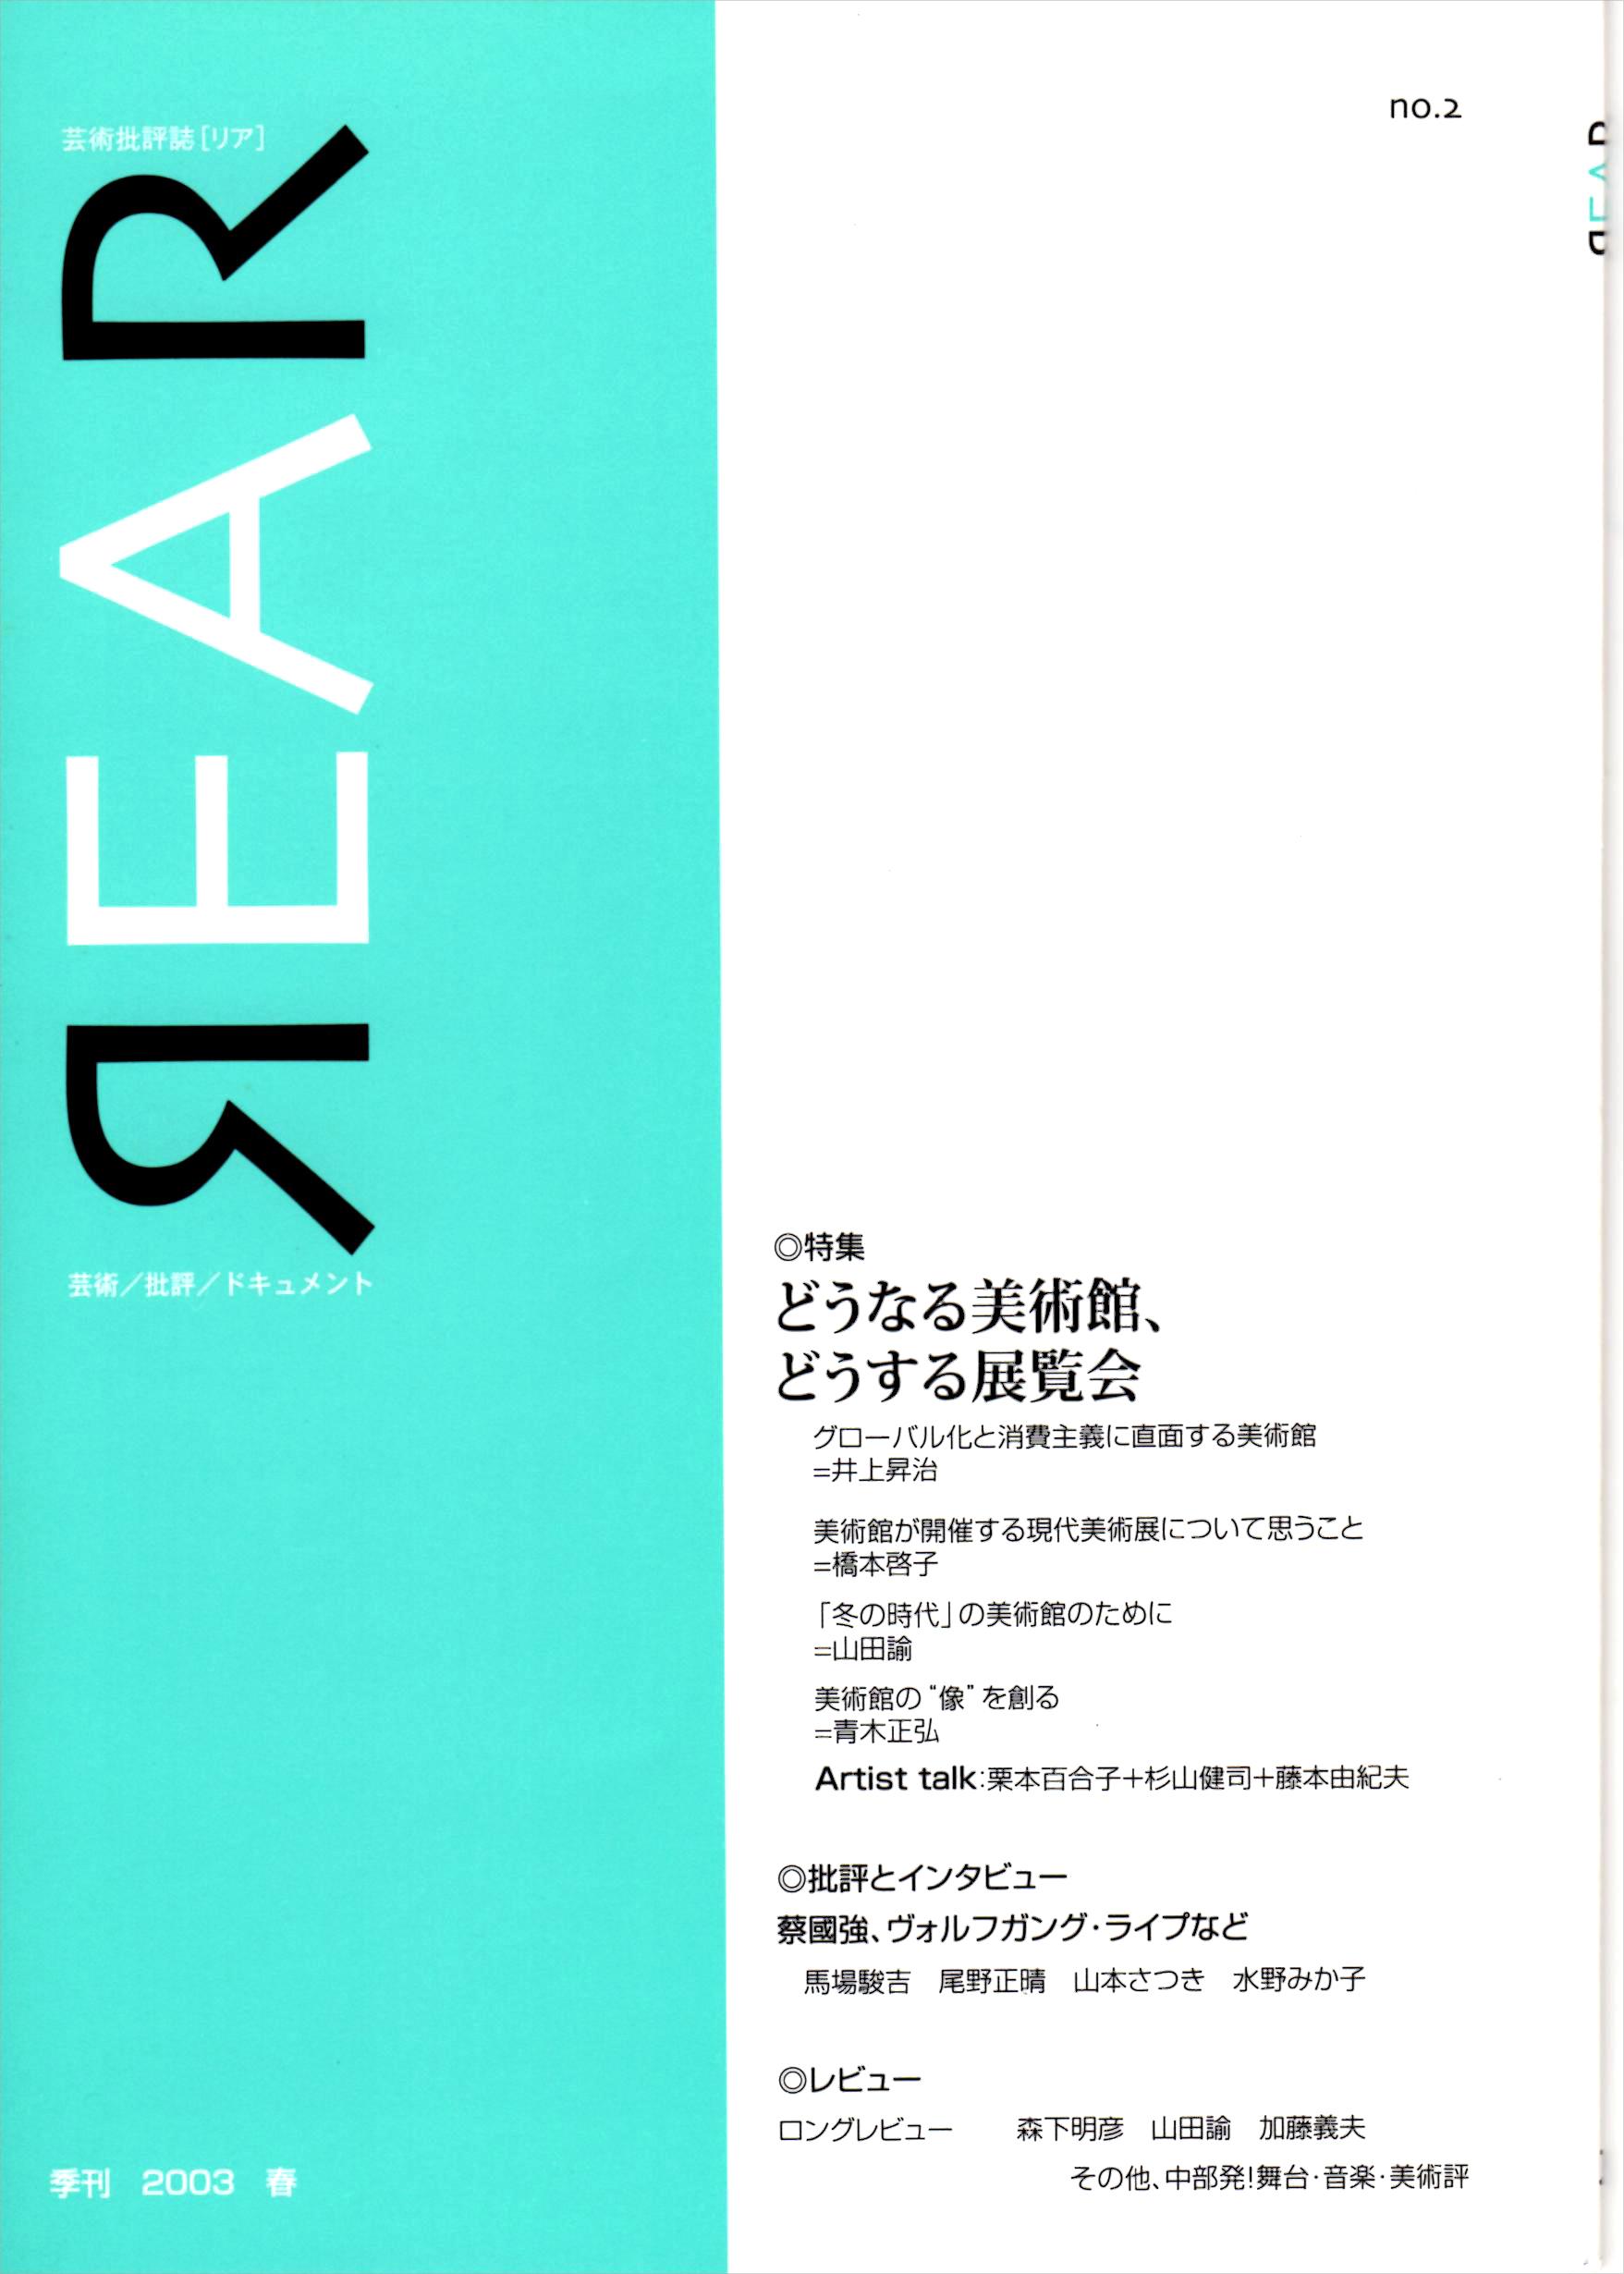 芸術/批評/ドキュメント  リア No2